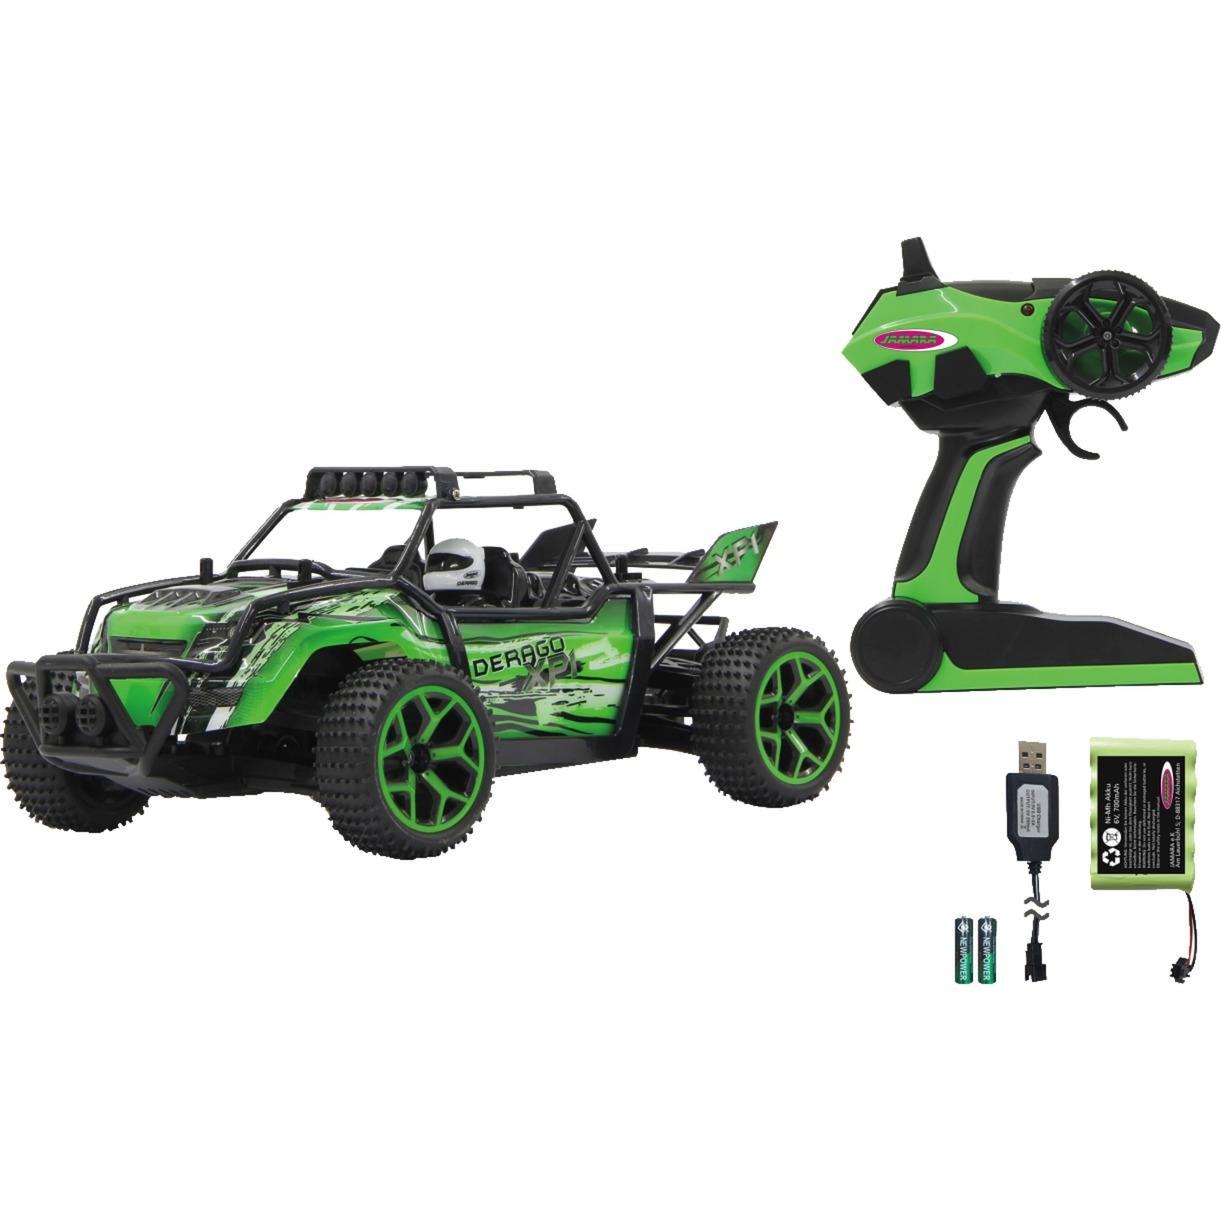 410012 Buggy Motor eléctrico 1:18 vehículo de tierra por radio control (RC), Radiocontrol